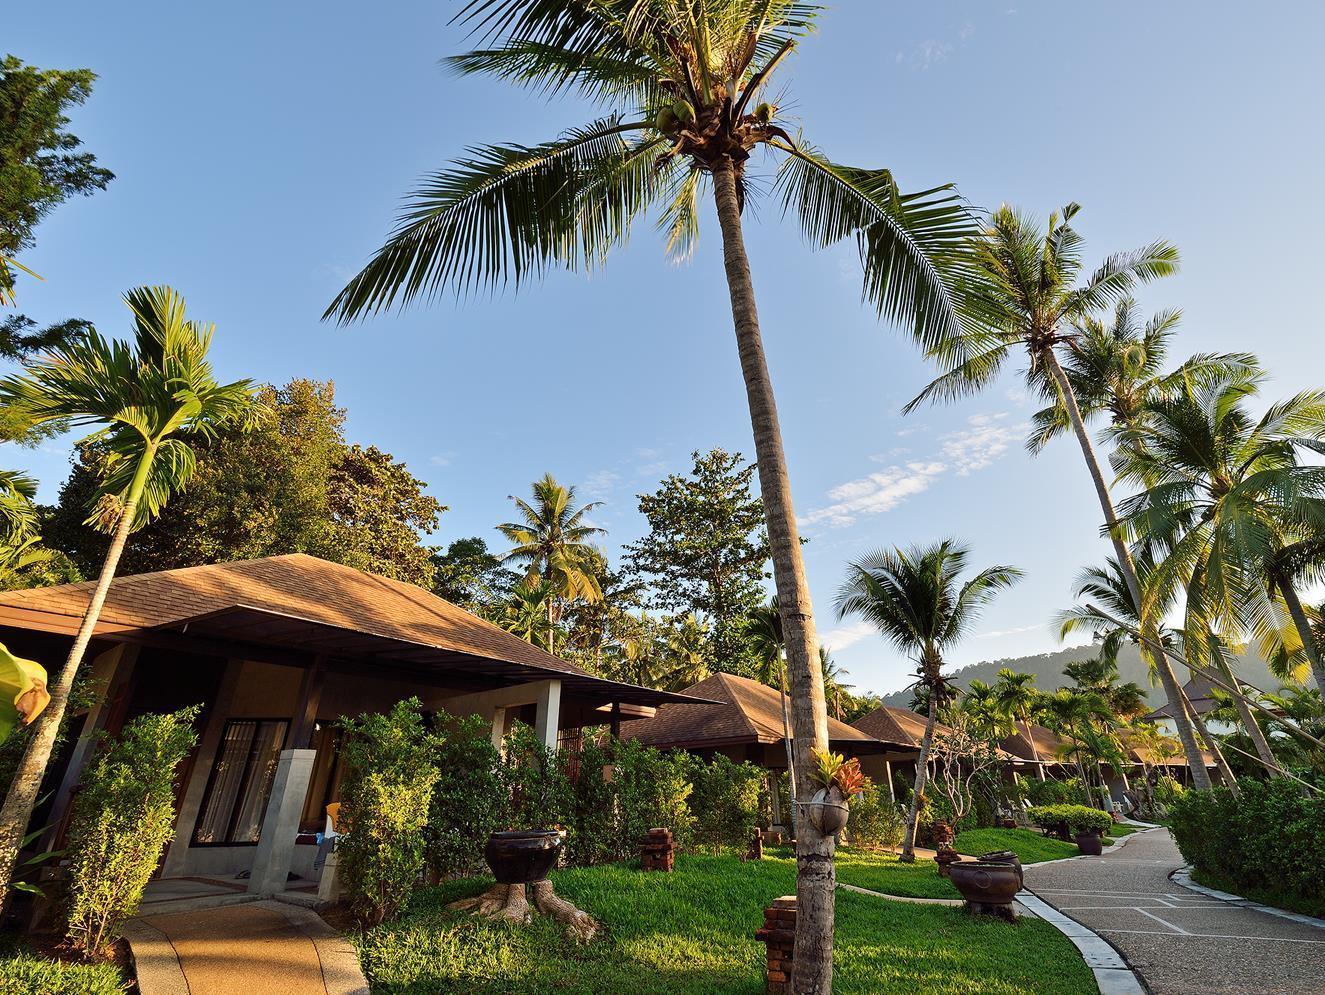 Lanta Sand Resort & Spa ลันตา แซนด์ รีสอร์ท แอนด์ สปา